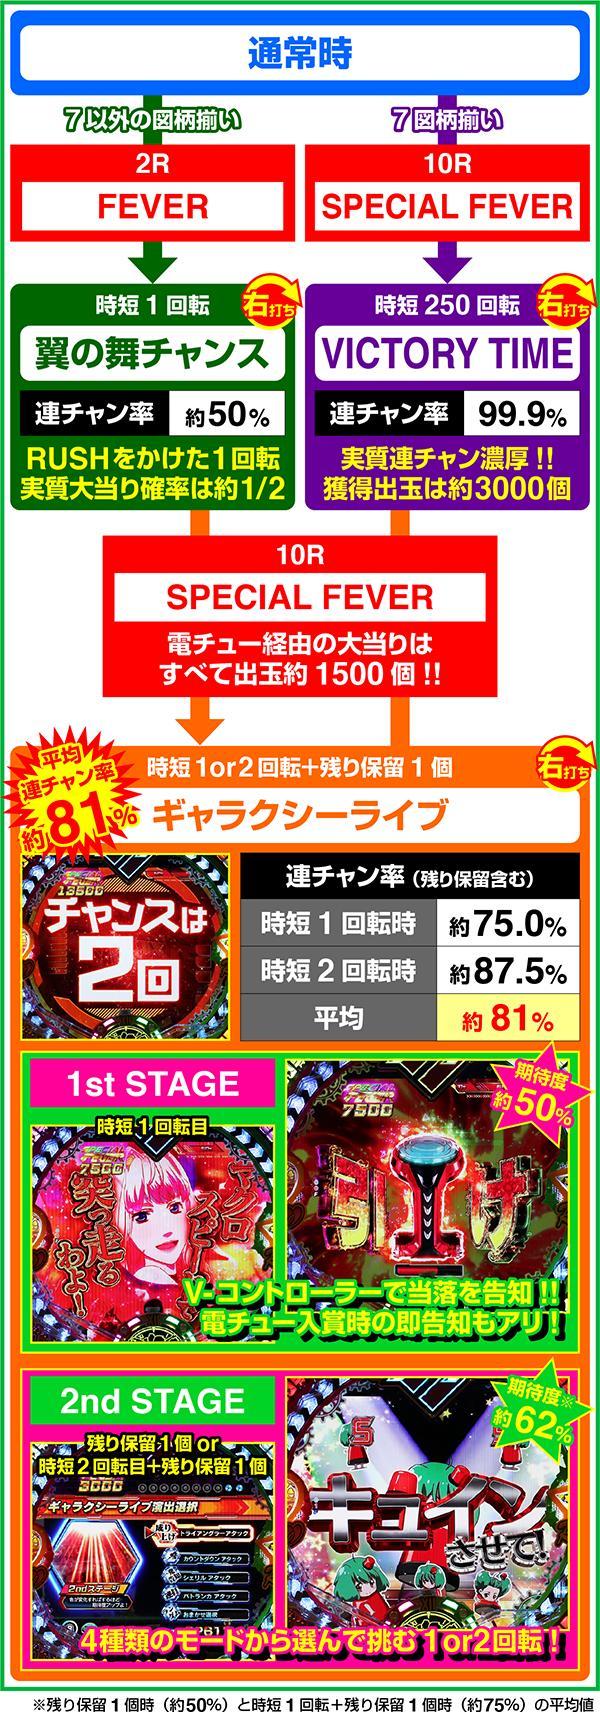 Pフィーバーマクロスフロンティア4 SANKYO ゲームフロー